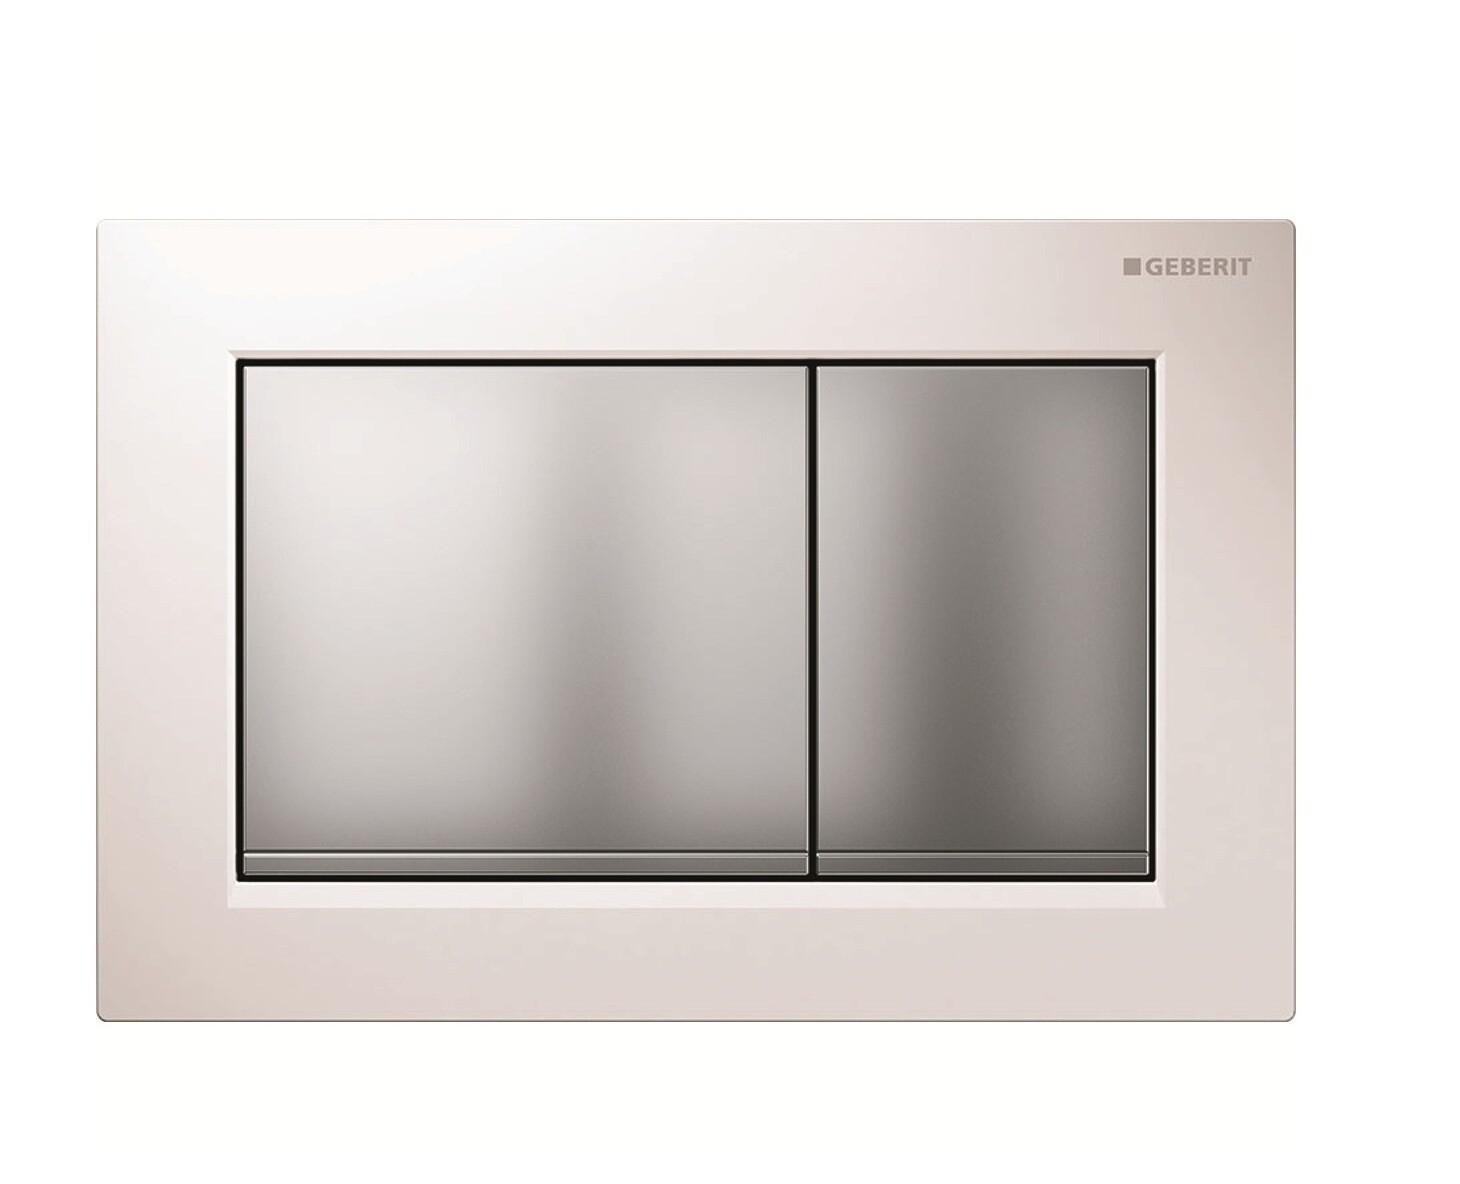 Plaque de déclenchement Geberit Omega30 pour rinçage double touche / Blanc - Chromé mat